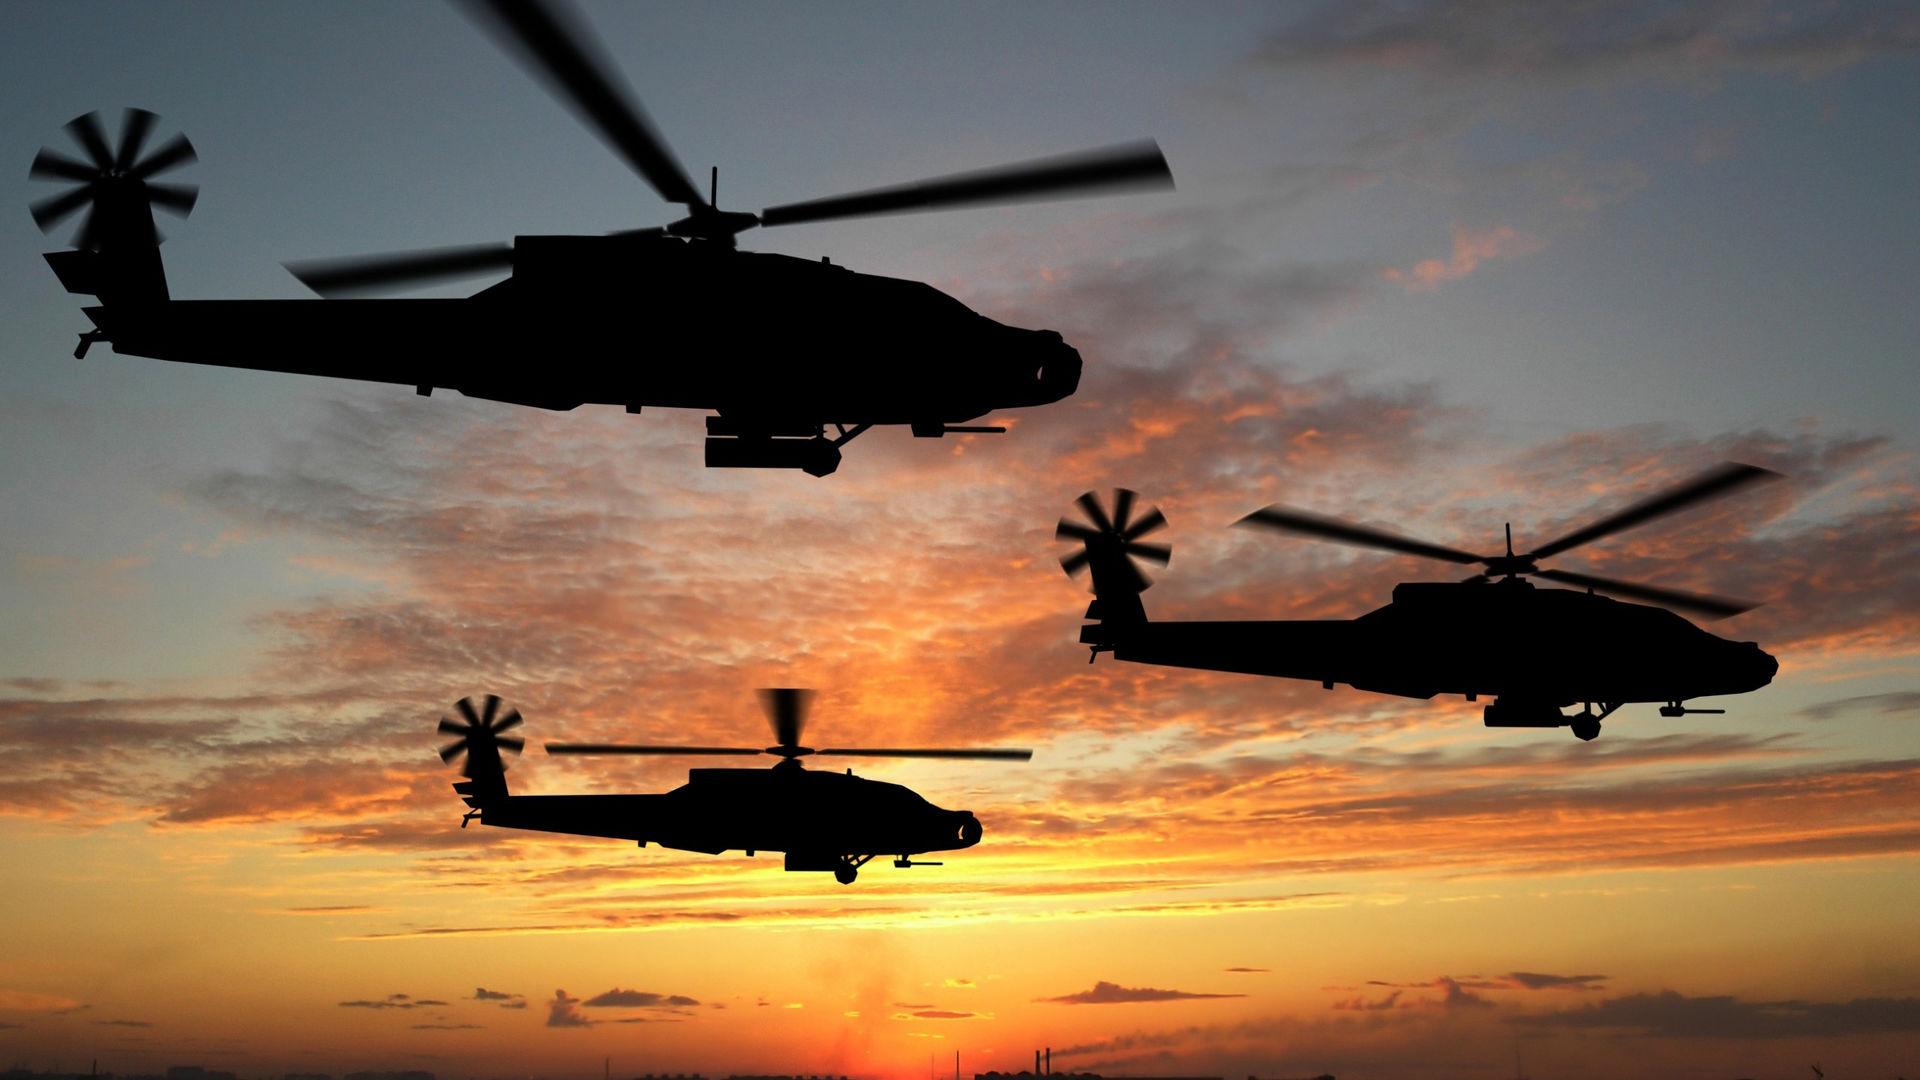 Обои самолеты, вертолеты. Авиация foto 6